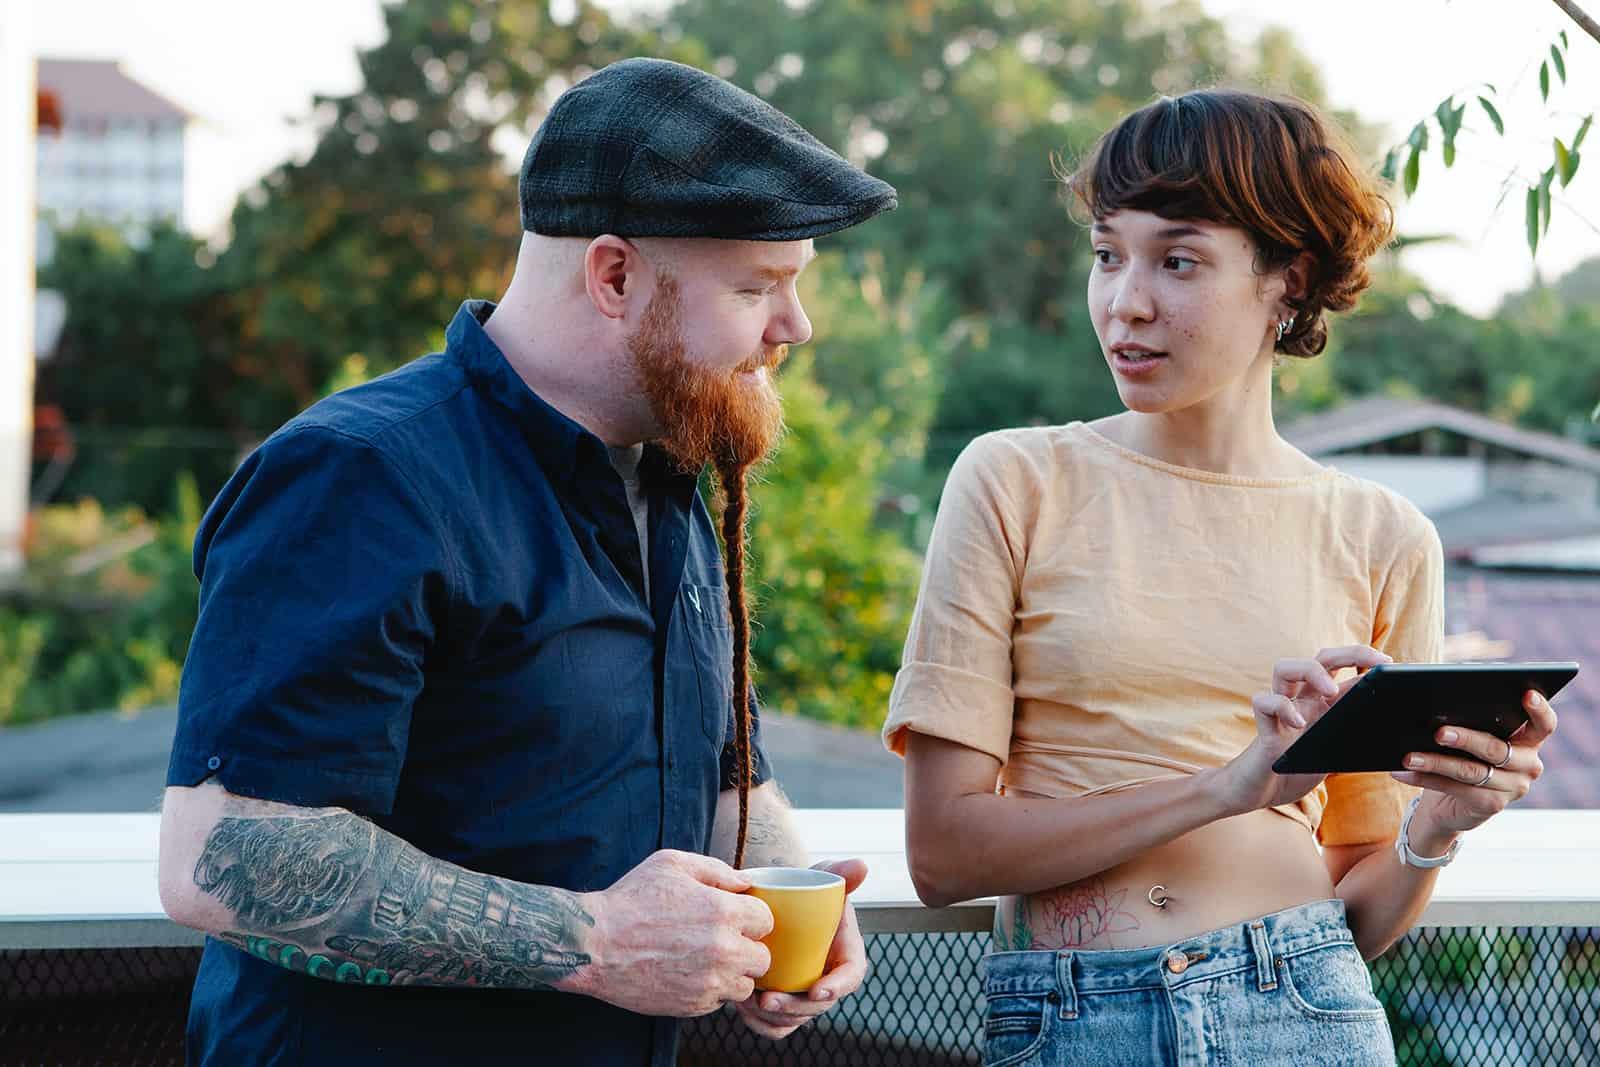 Mann und Frau unterhalten sich auf dem Balkon beim Kaffeetrinken